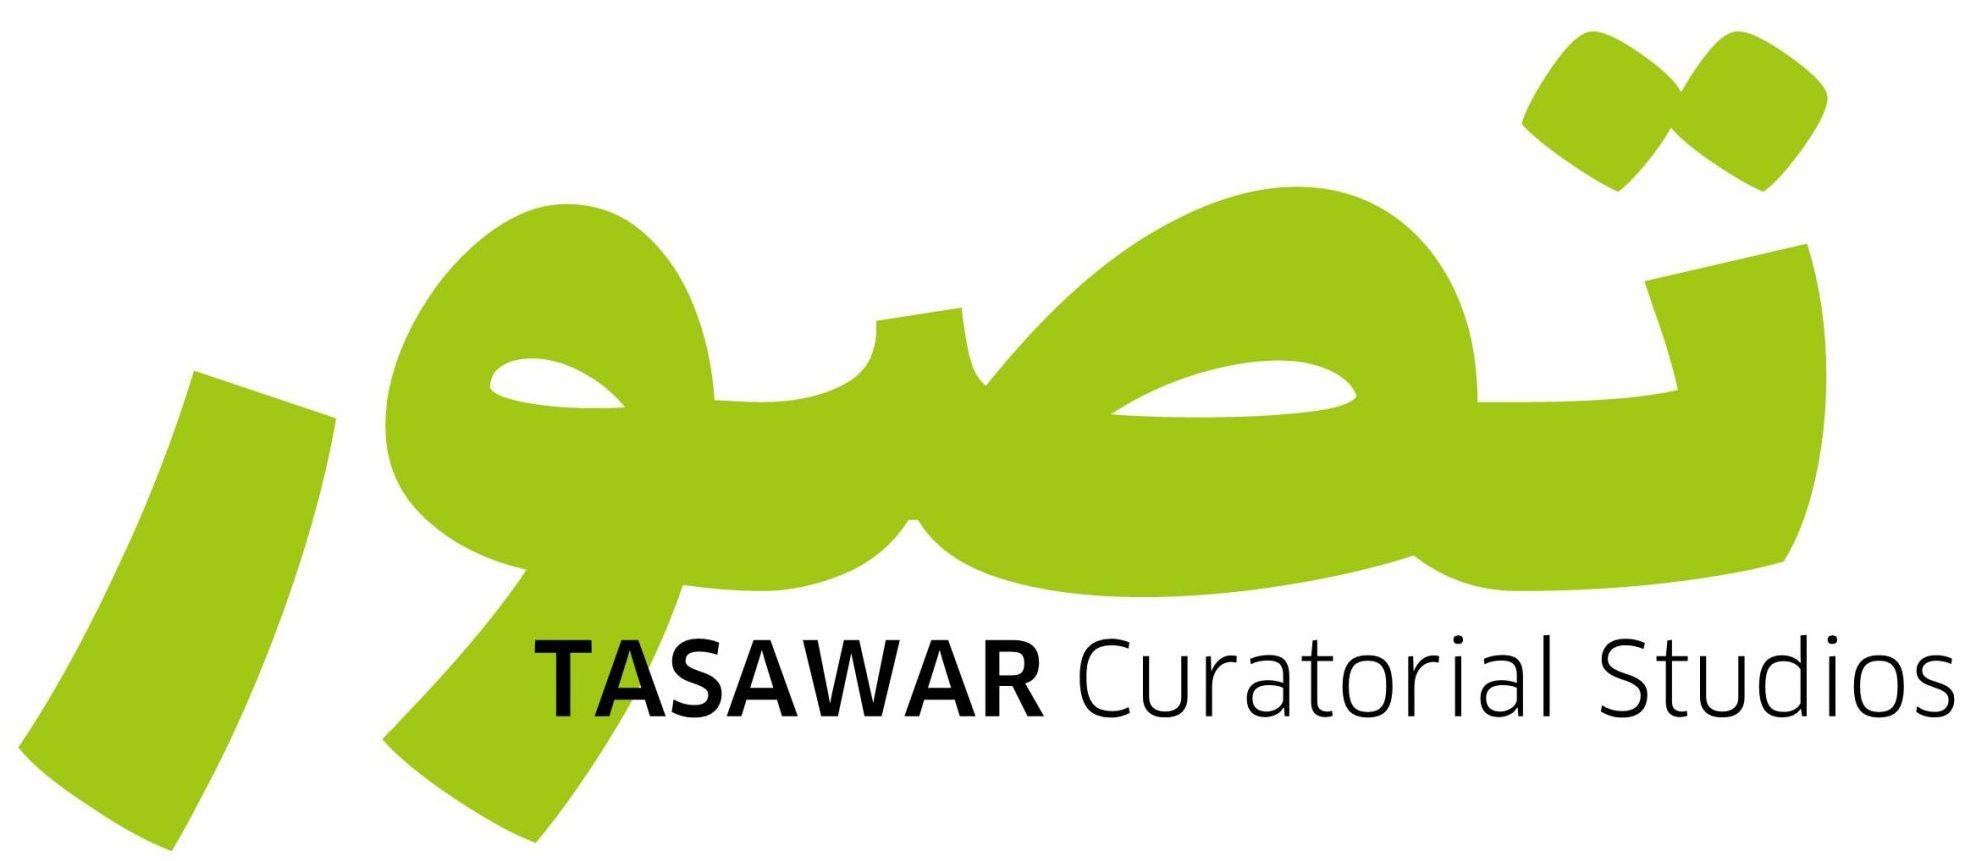 TASAWAR [3]